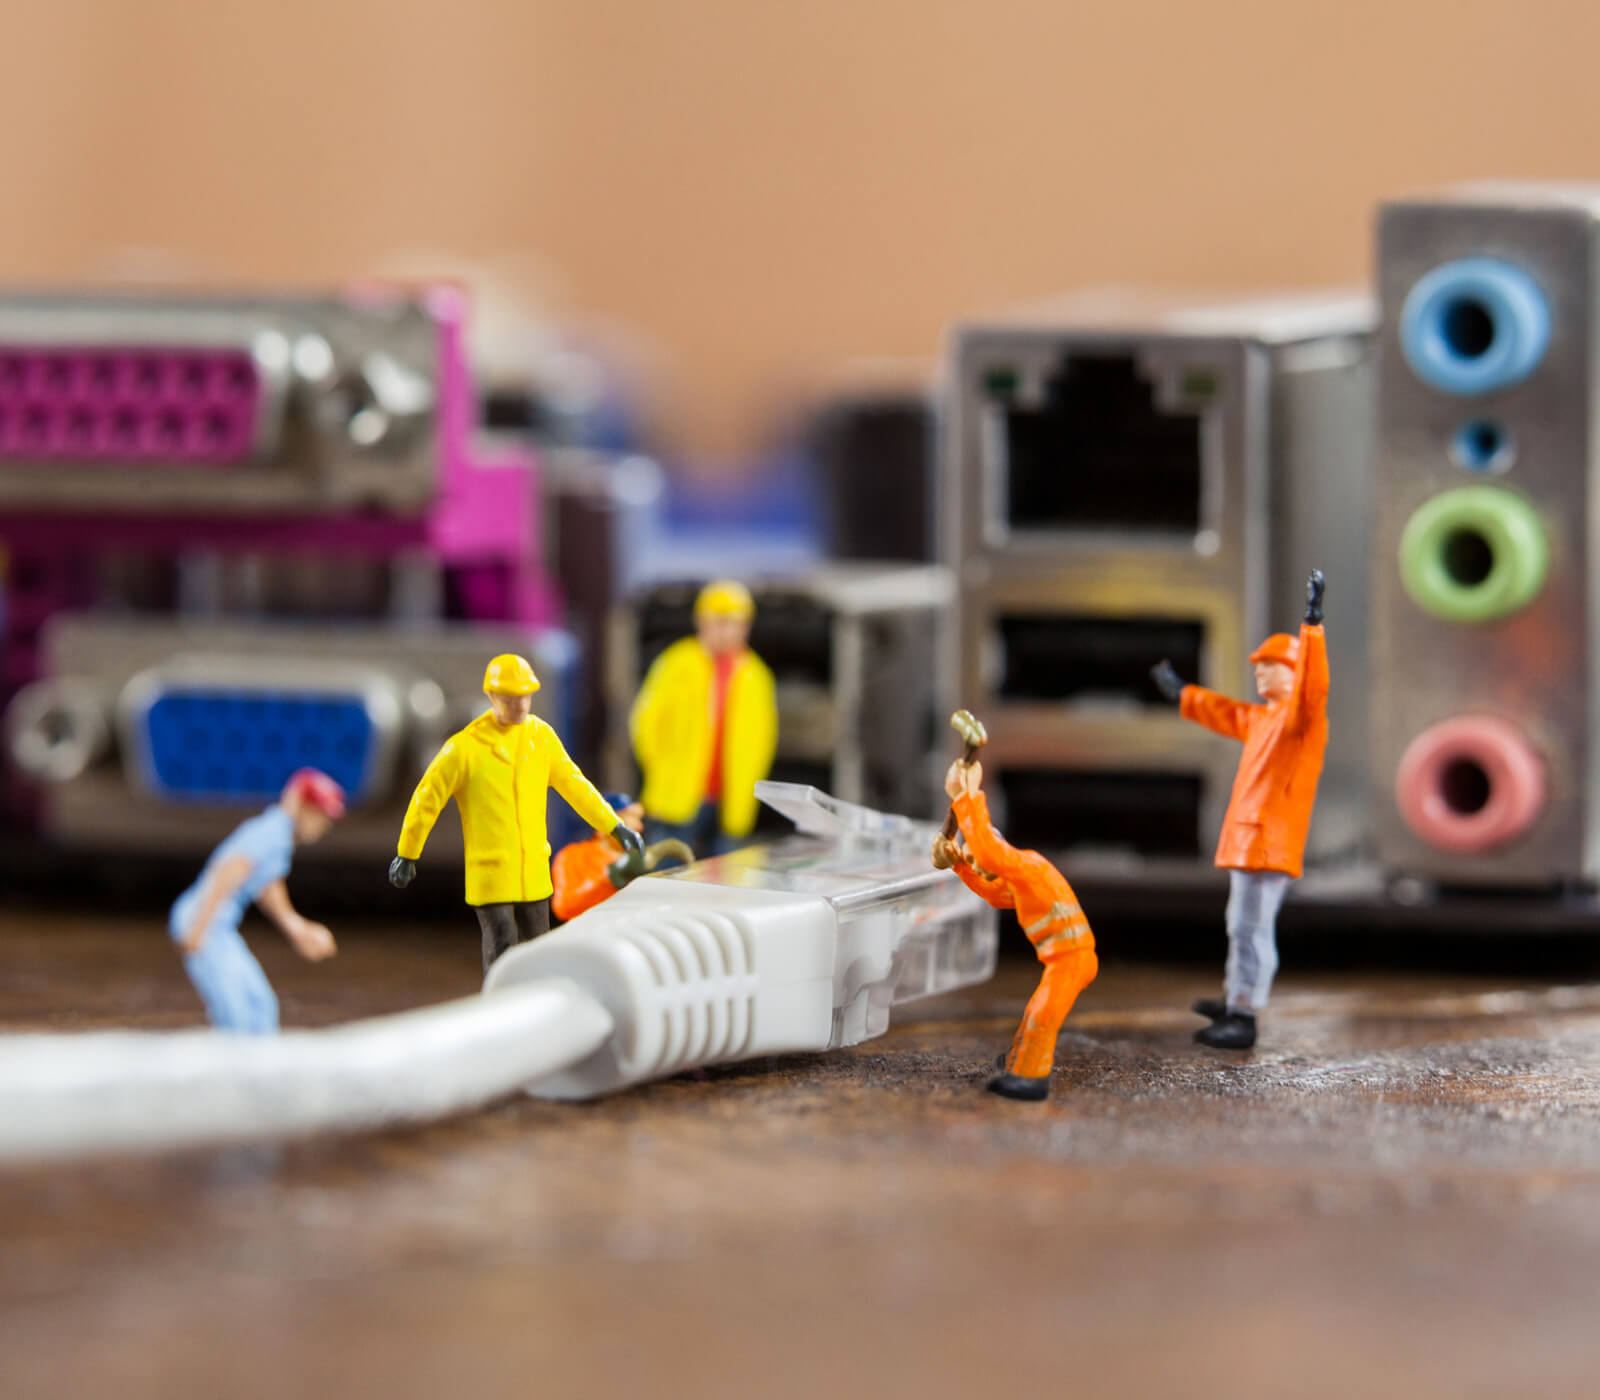 Ipso 3T Câblage Informatique et ses enjeux